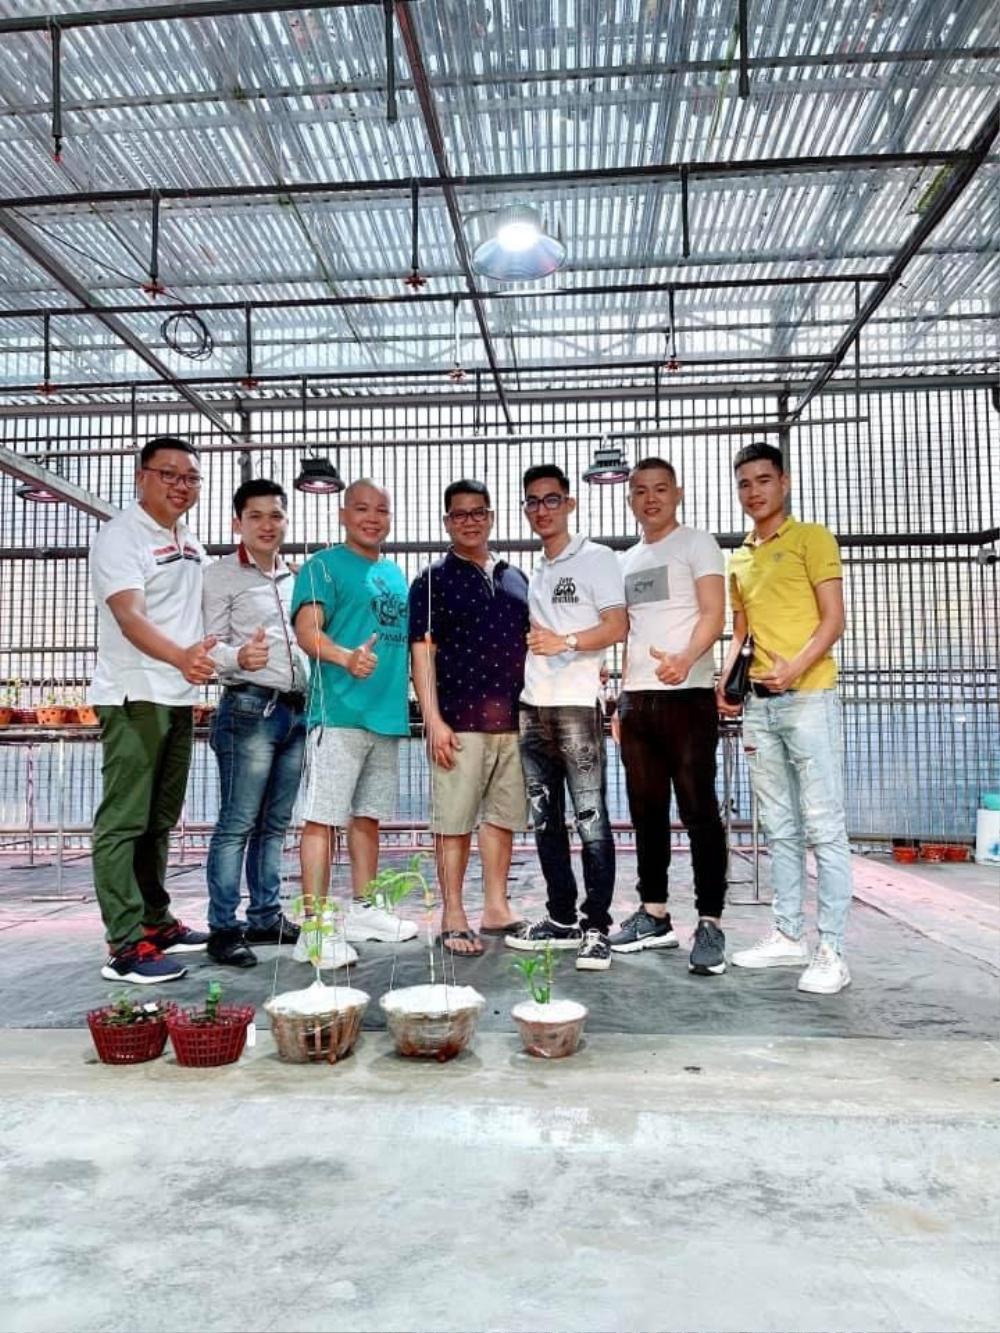 Nghệ nhân Nguyễn Văn Phương: Từ chàng DJ tới ông chủ vườn lan giá trị Ảnh 1